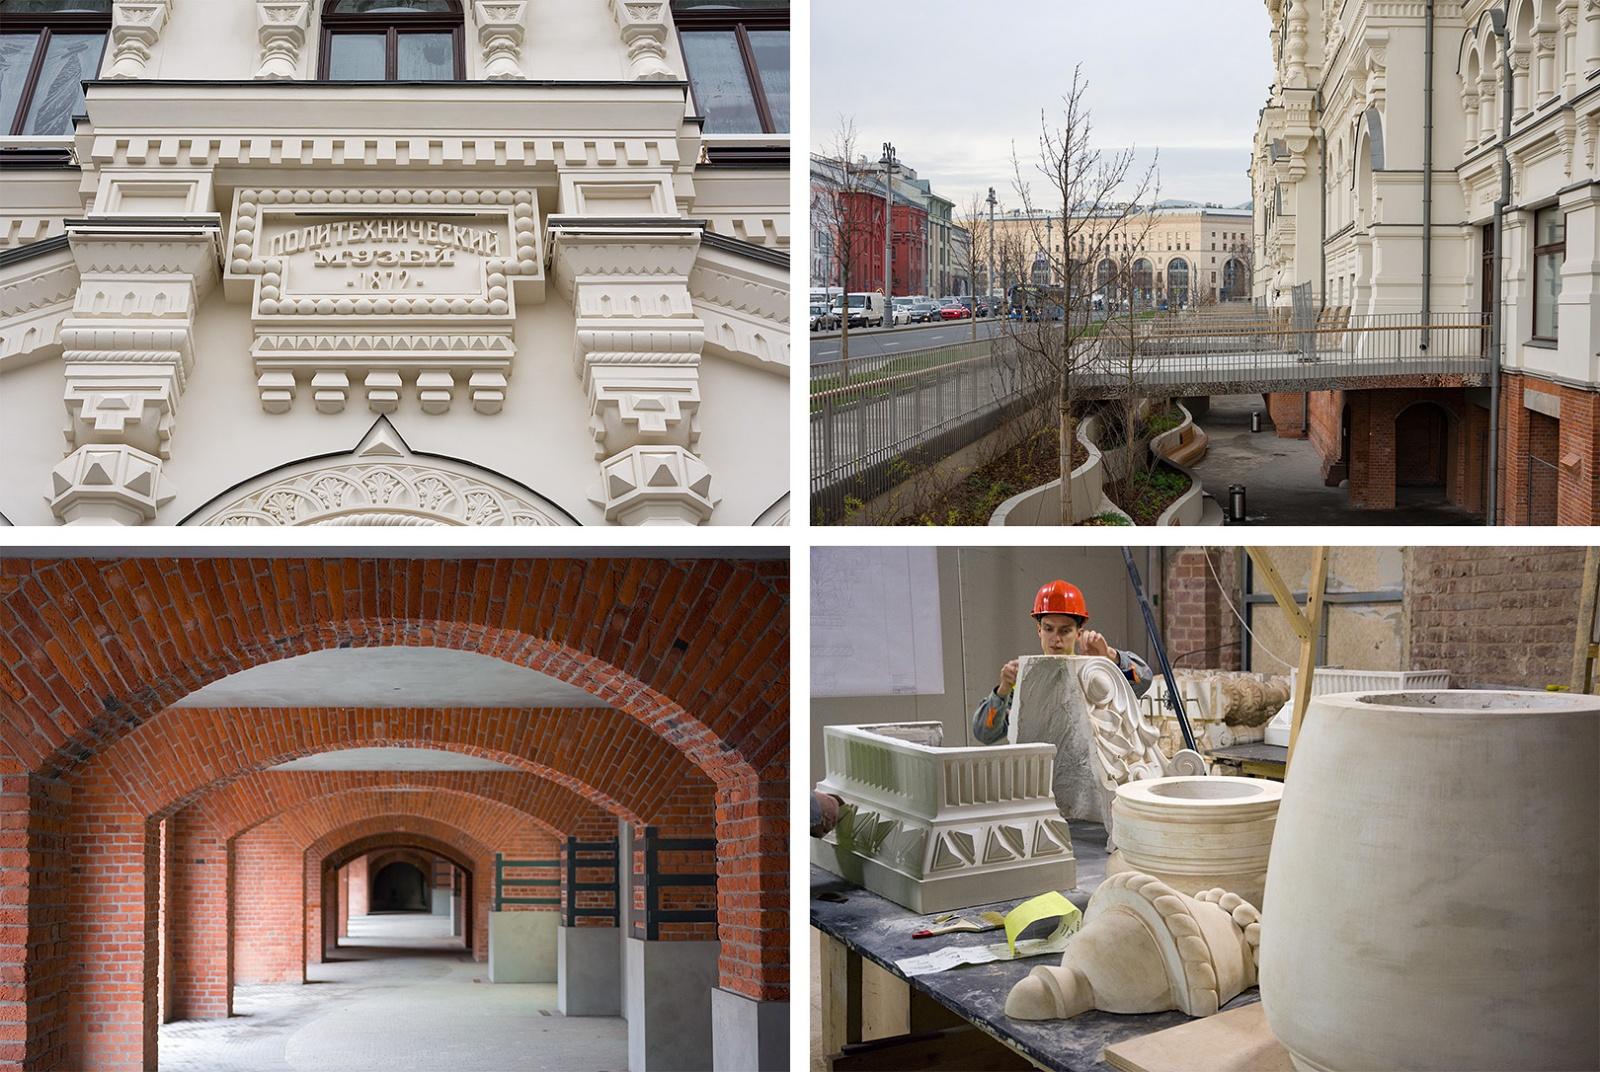 Как идёт реконструкция Политехнического музея? Часть 1 - 1